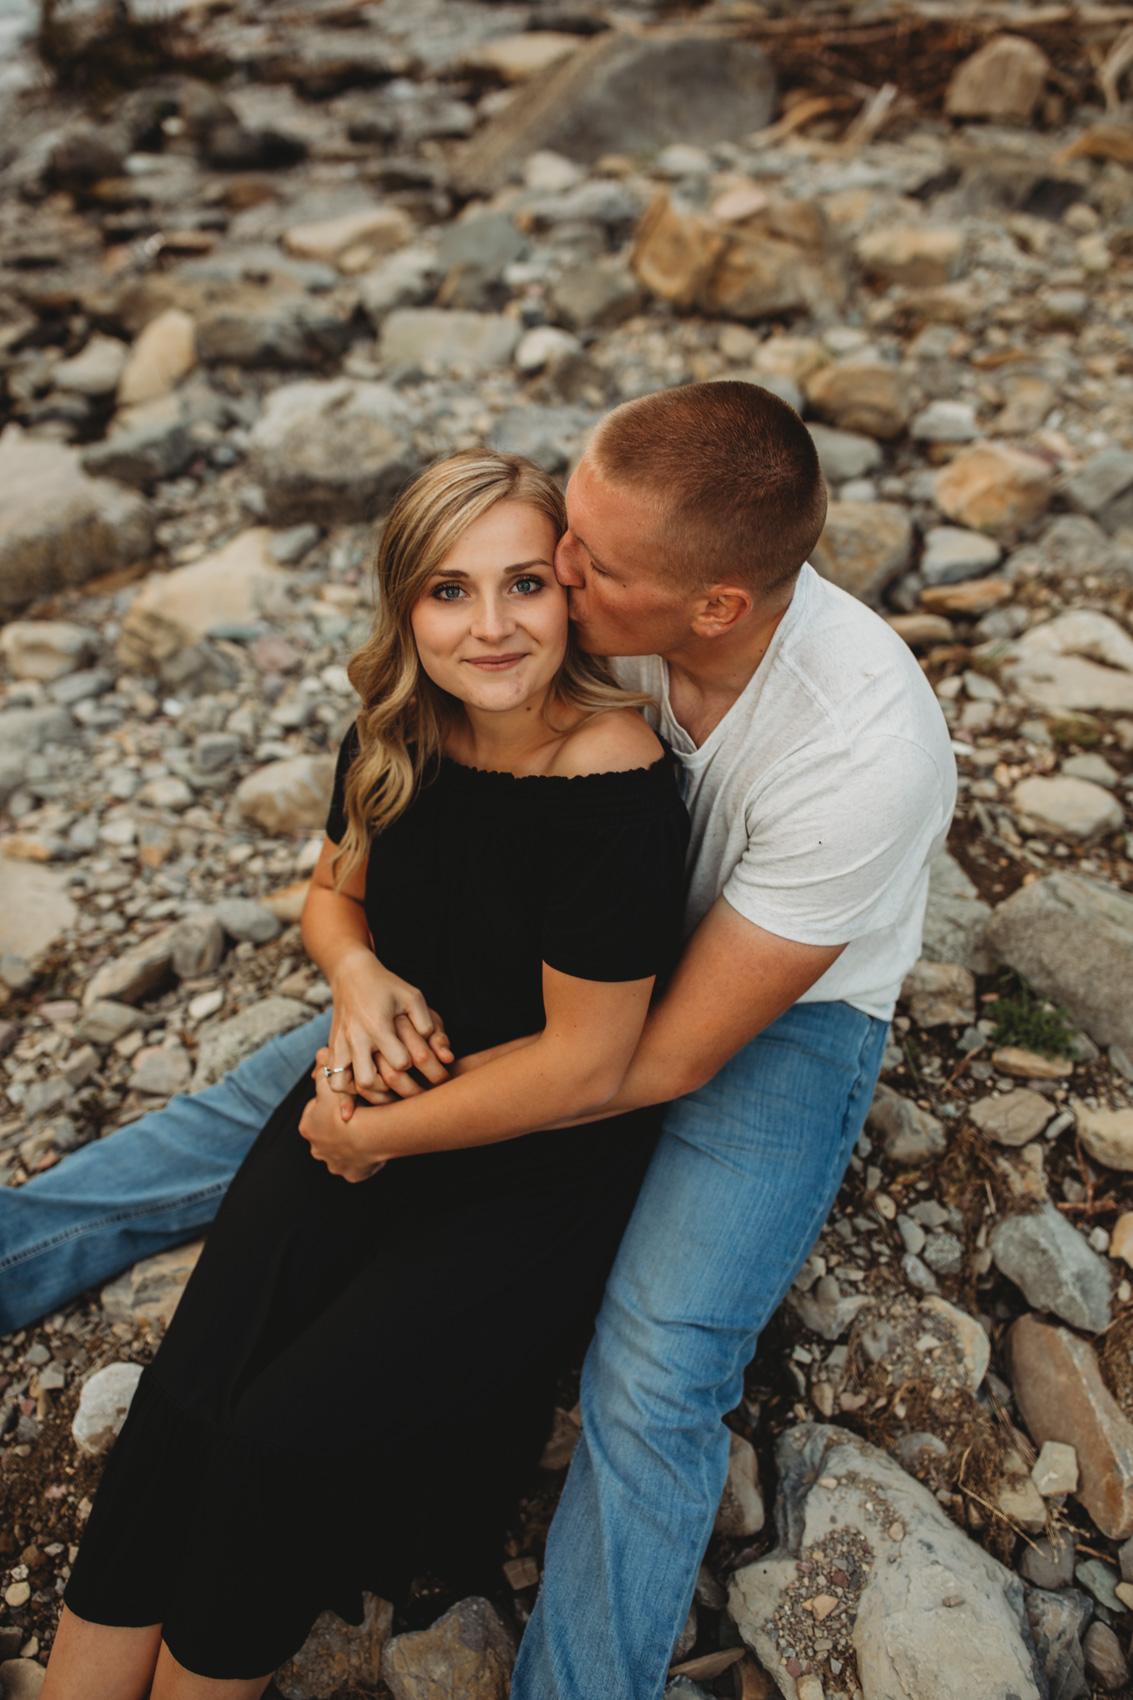 marah-doug-great-falls-montana-engagement-photographer-32.jpg